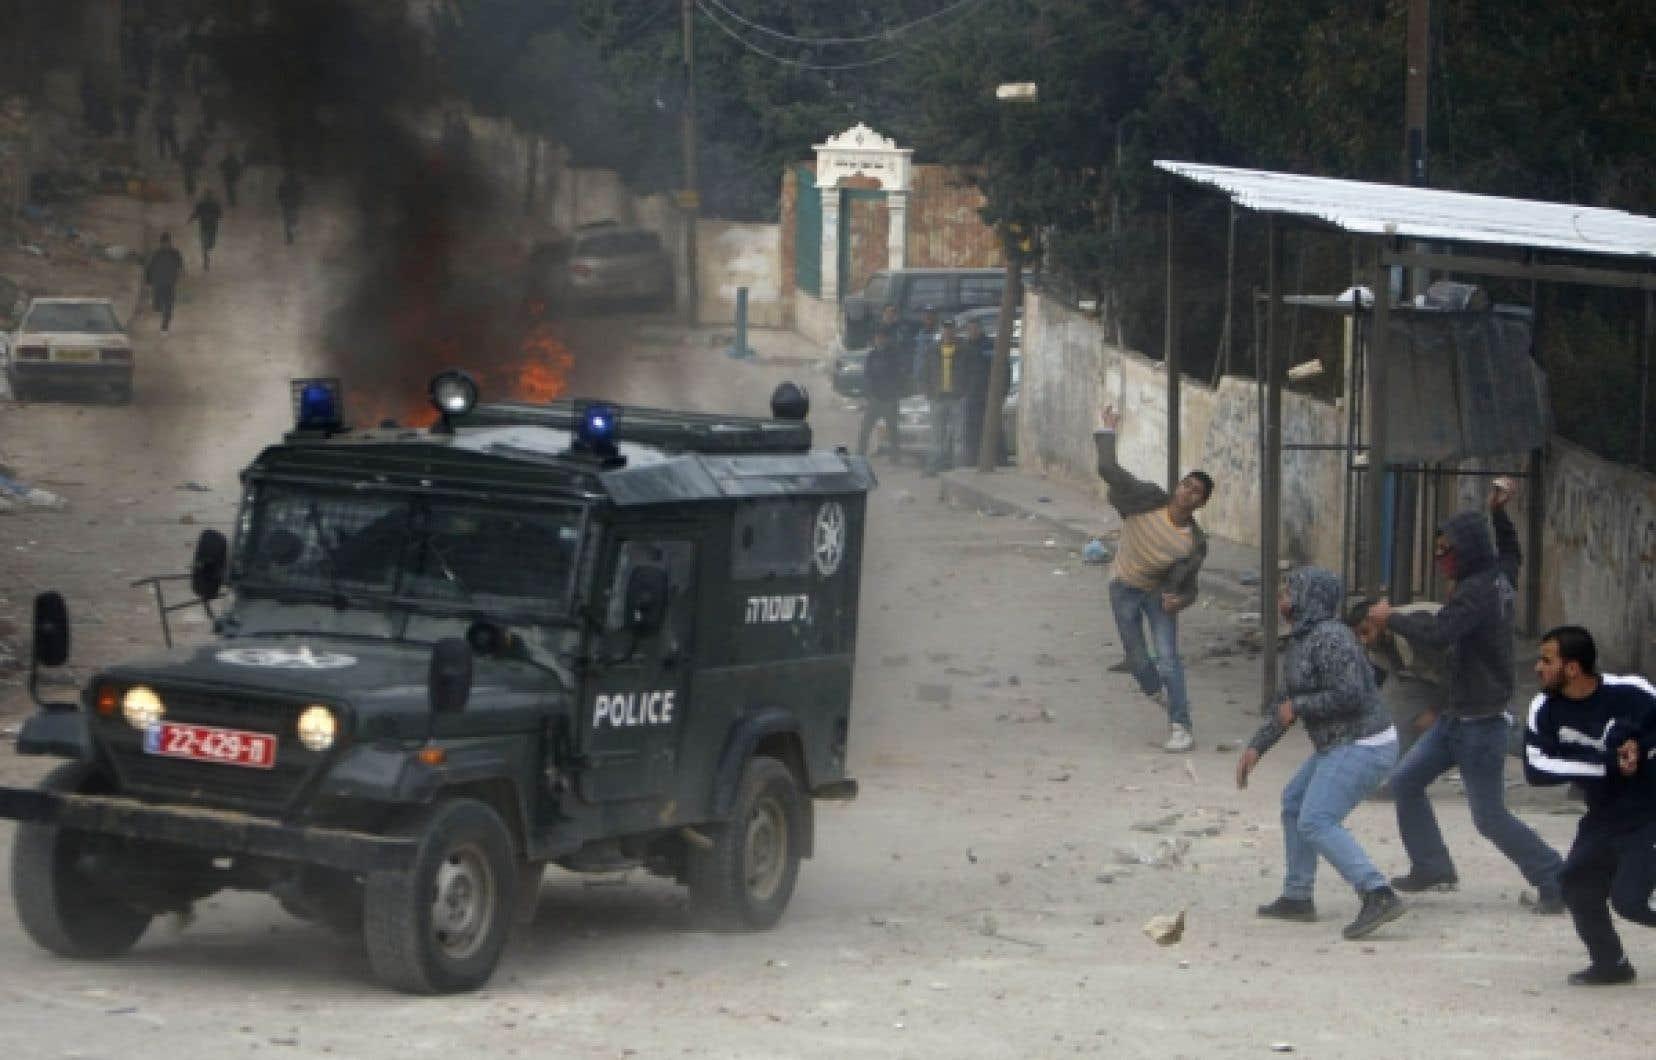 Il y a des manifestations chaque semaine dans le camp de Shoafat depuis des mois.